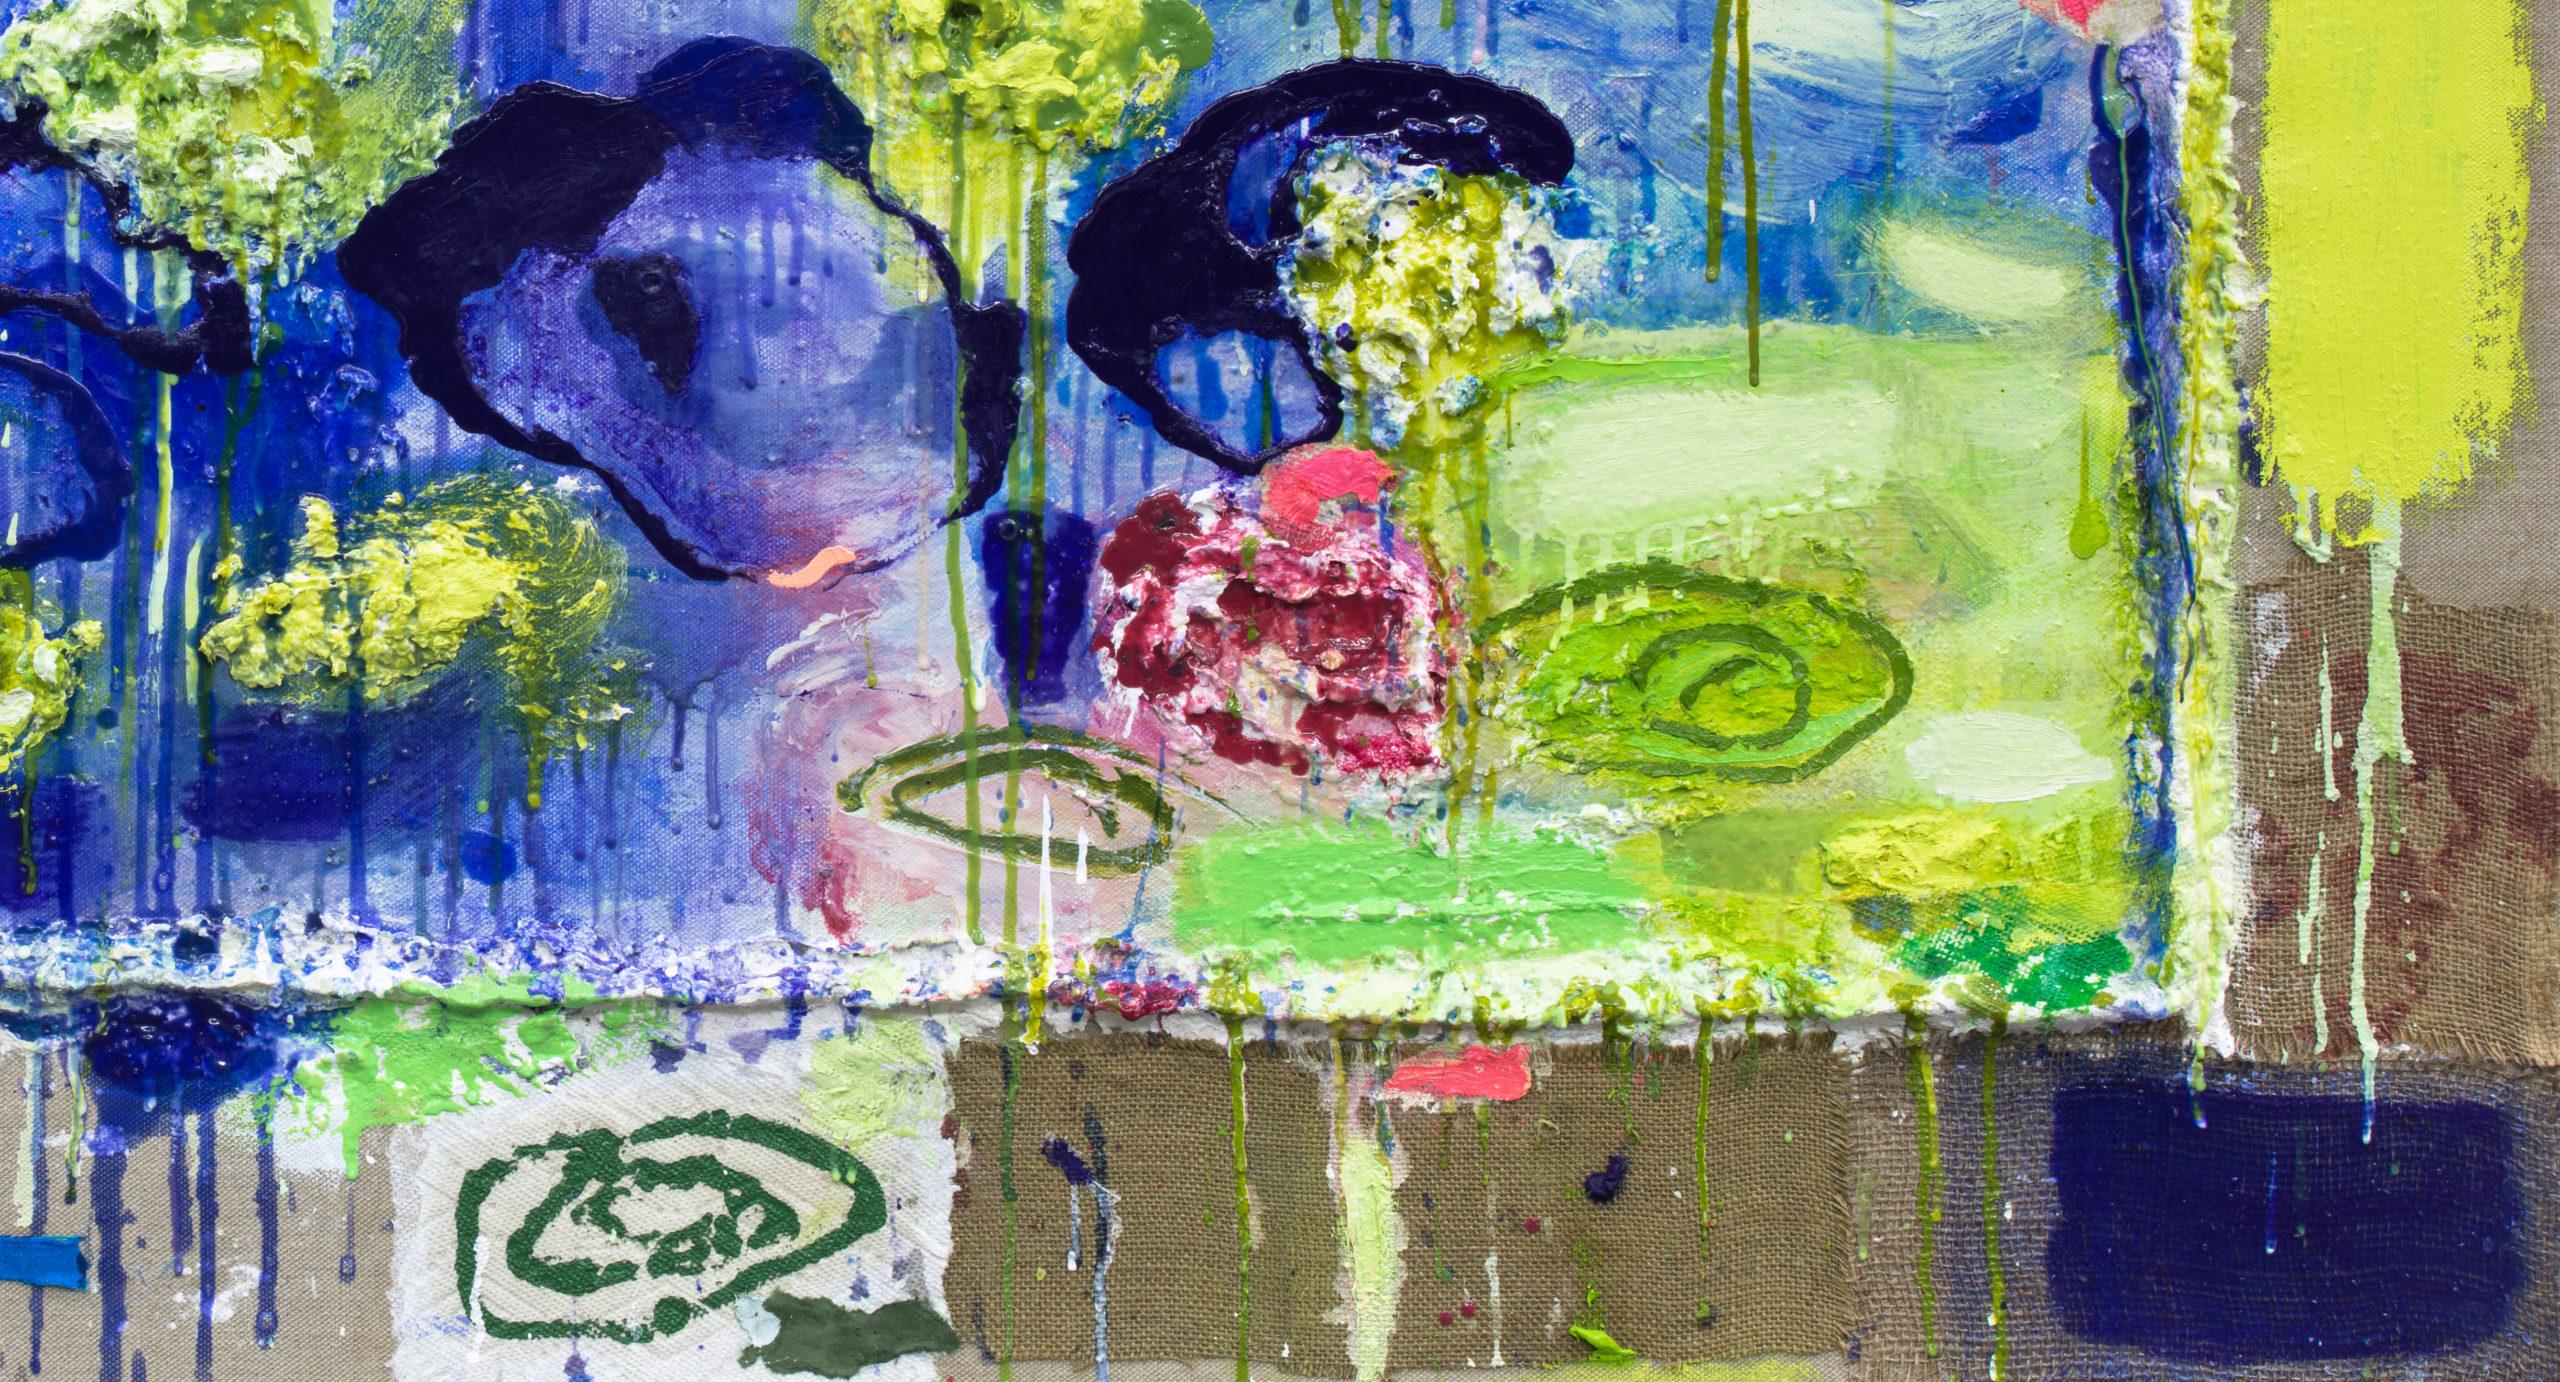 Paint-a-Pond-2